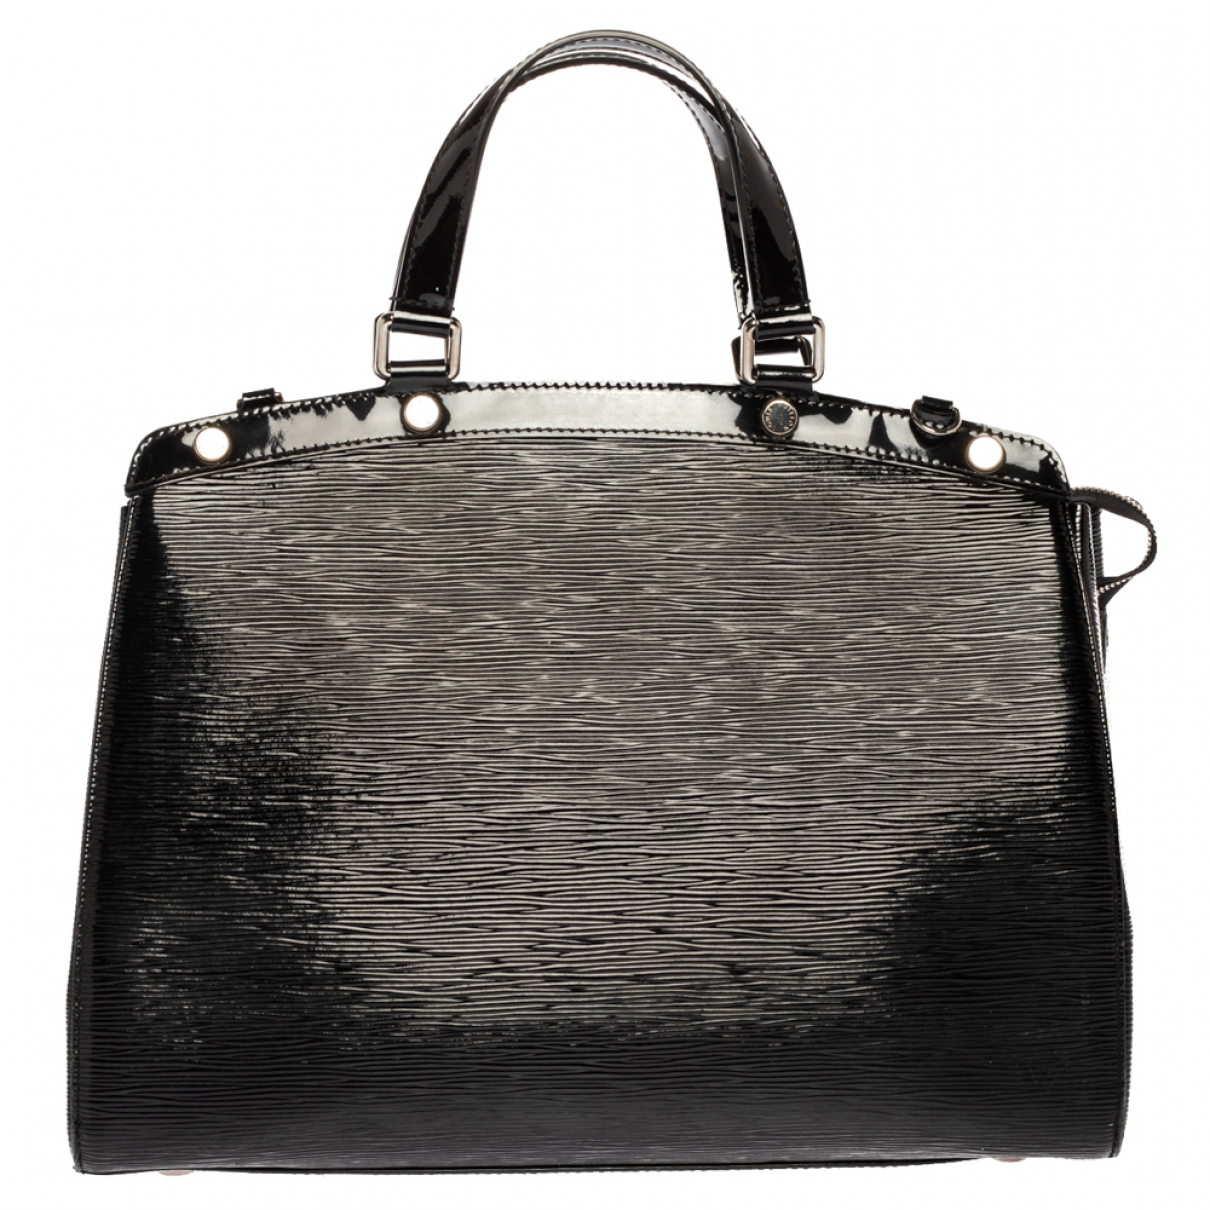 Louis Vuitton Brea Handtasche in  Schwarz Lackleder